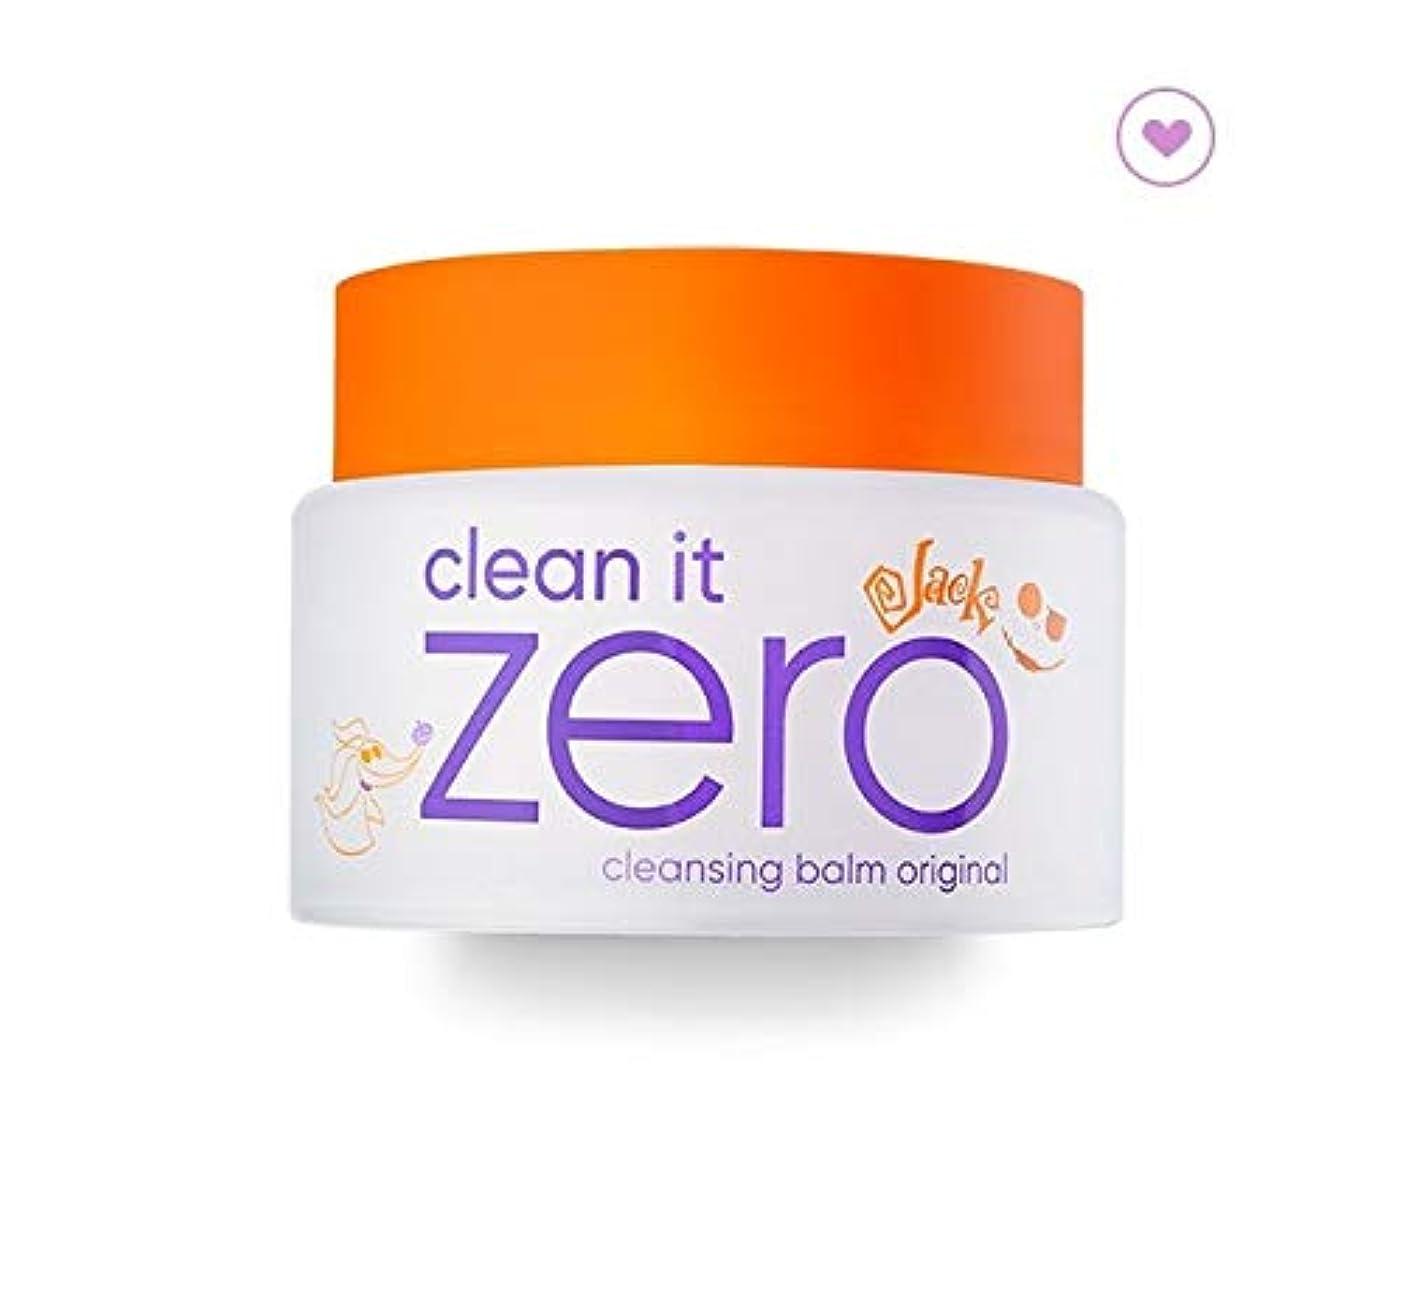 病な成功した試験Banilaco クリーンイットゼロクレンジングバームディズニーコレクション(オレンジ) / Clean It Zero Cleansing Balm Disney Collection (Orange) 100ml [...